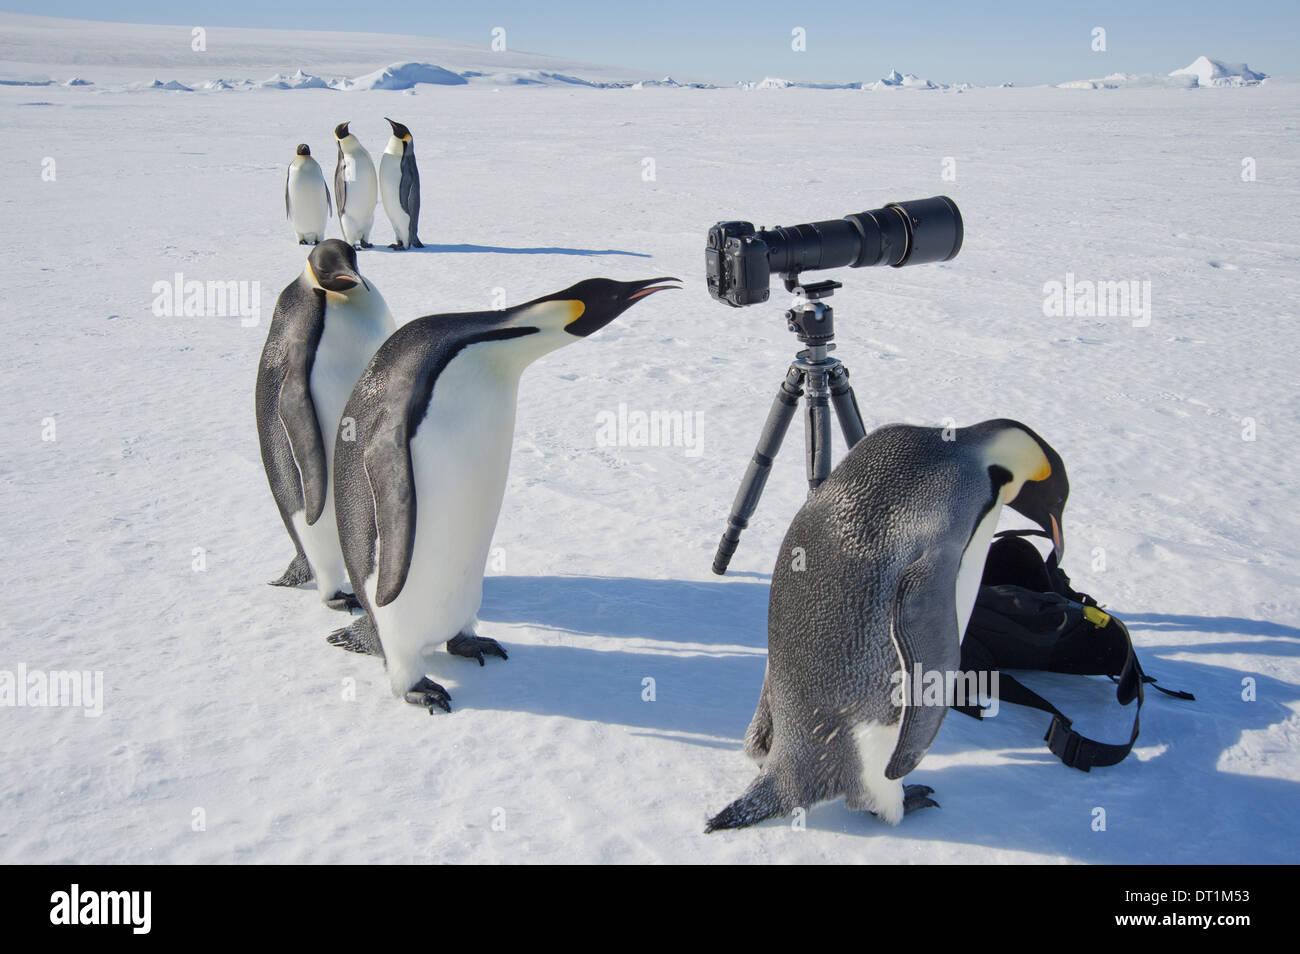 Un piccolo gruppo di curiosi pinguini imperatore guardando la fotocamera e treppiede sul ghiaccio un uccello del peering attraverso il mirino Immagini Stock